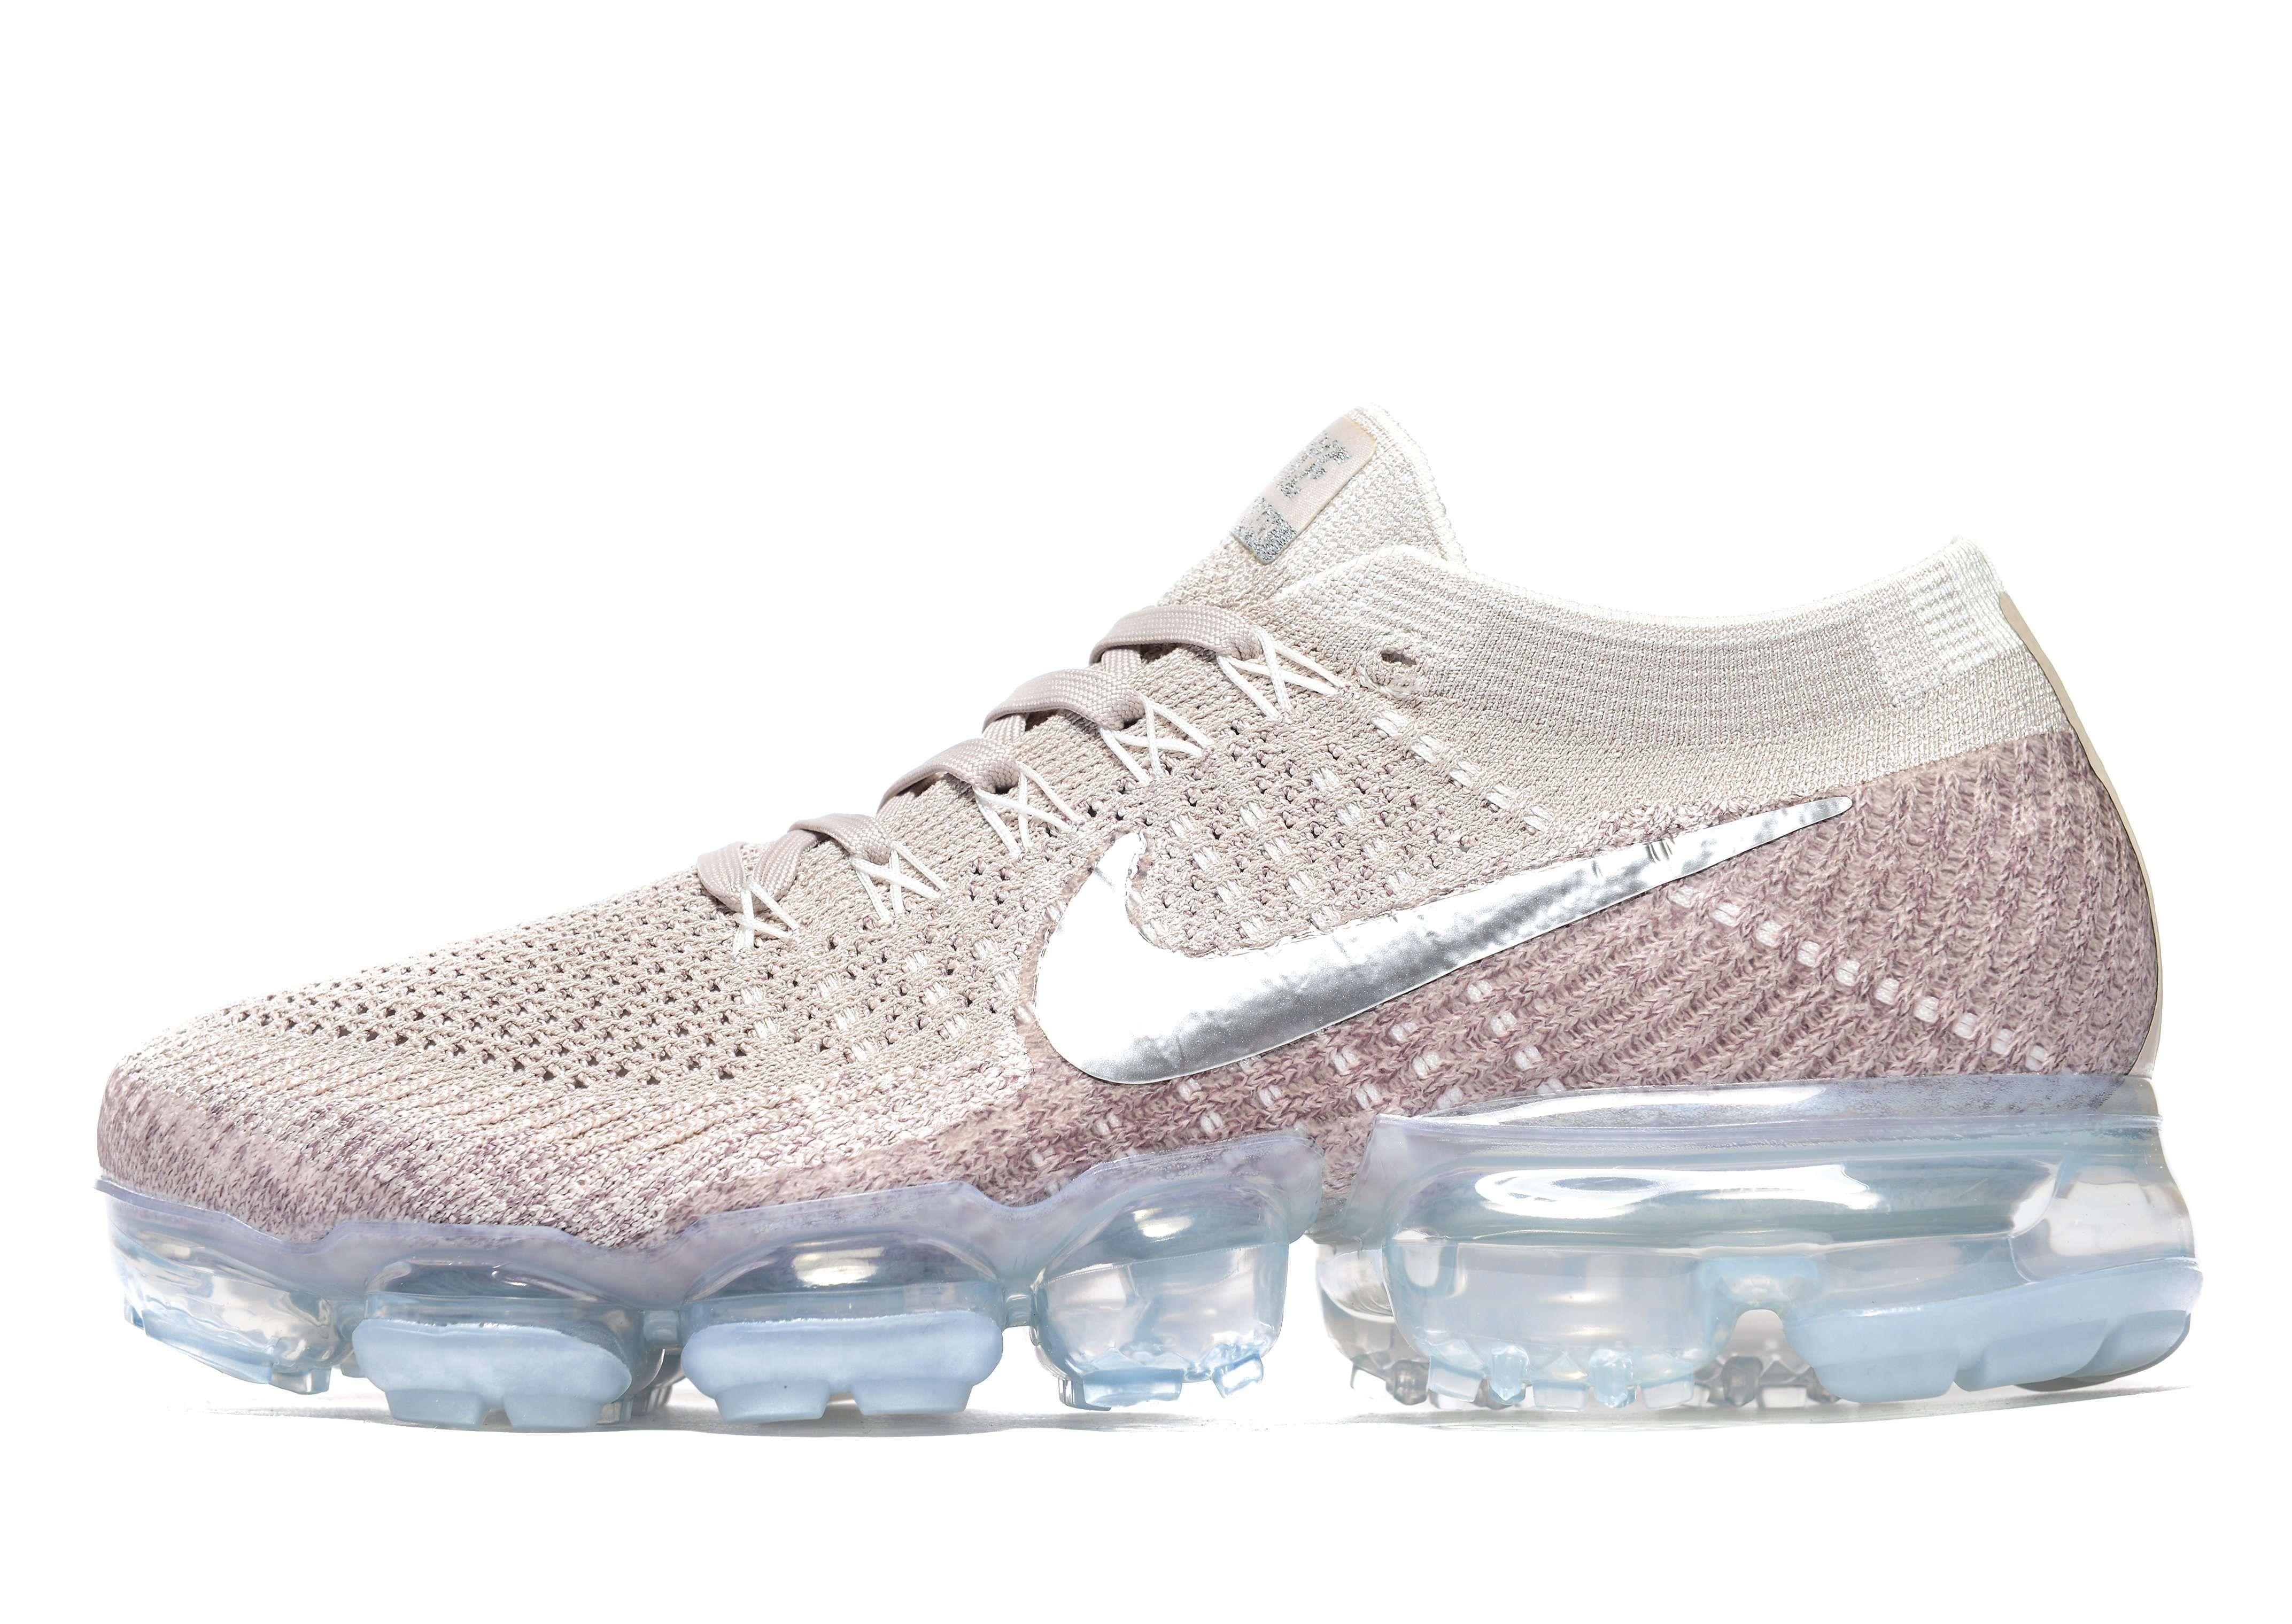 Nike Air VaporMax Women's - Online-Shoppen für (: Titel) mit ...